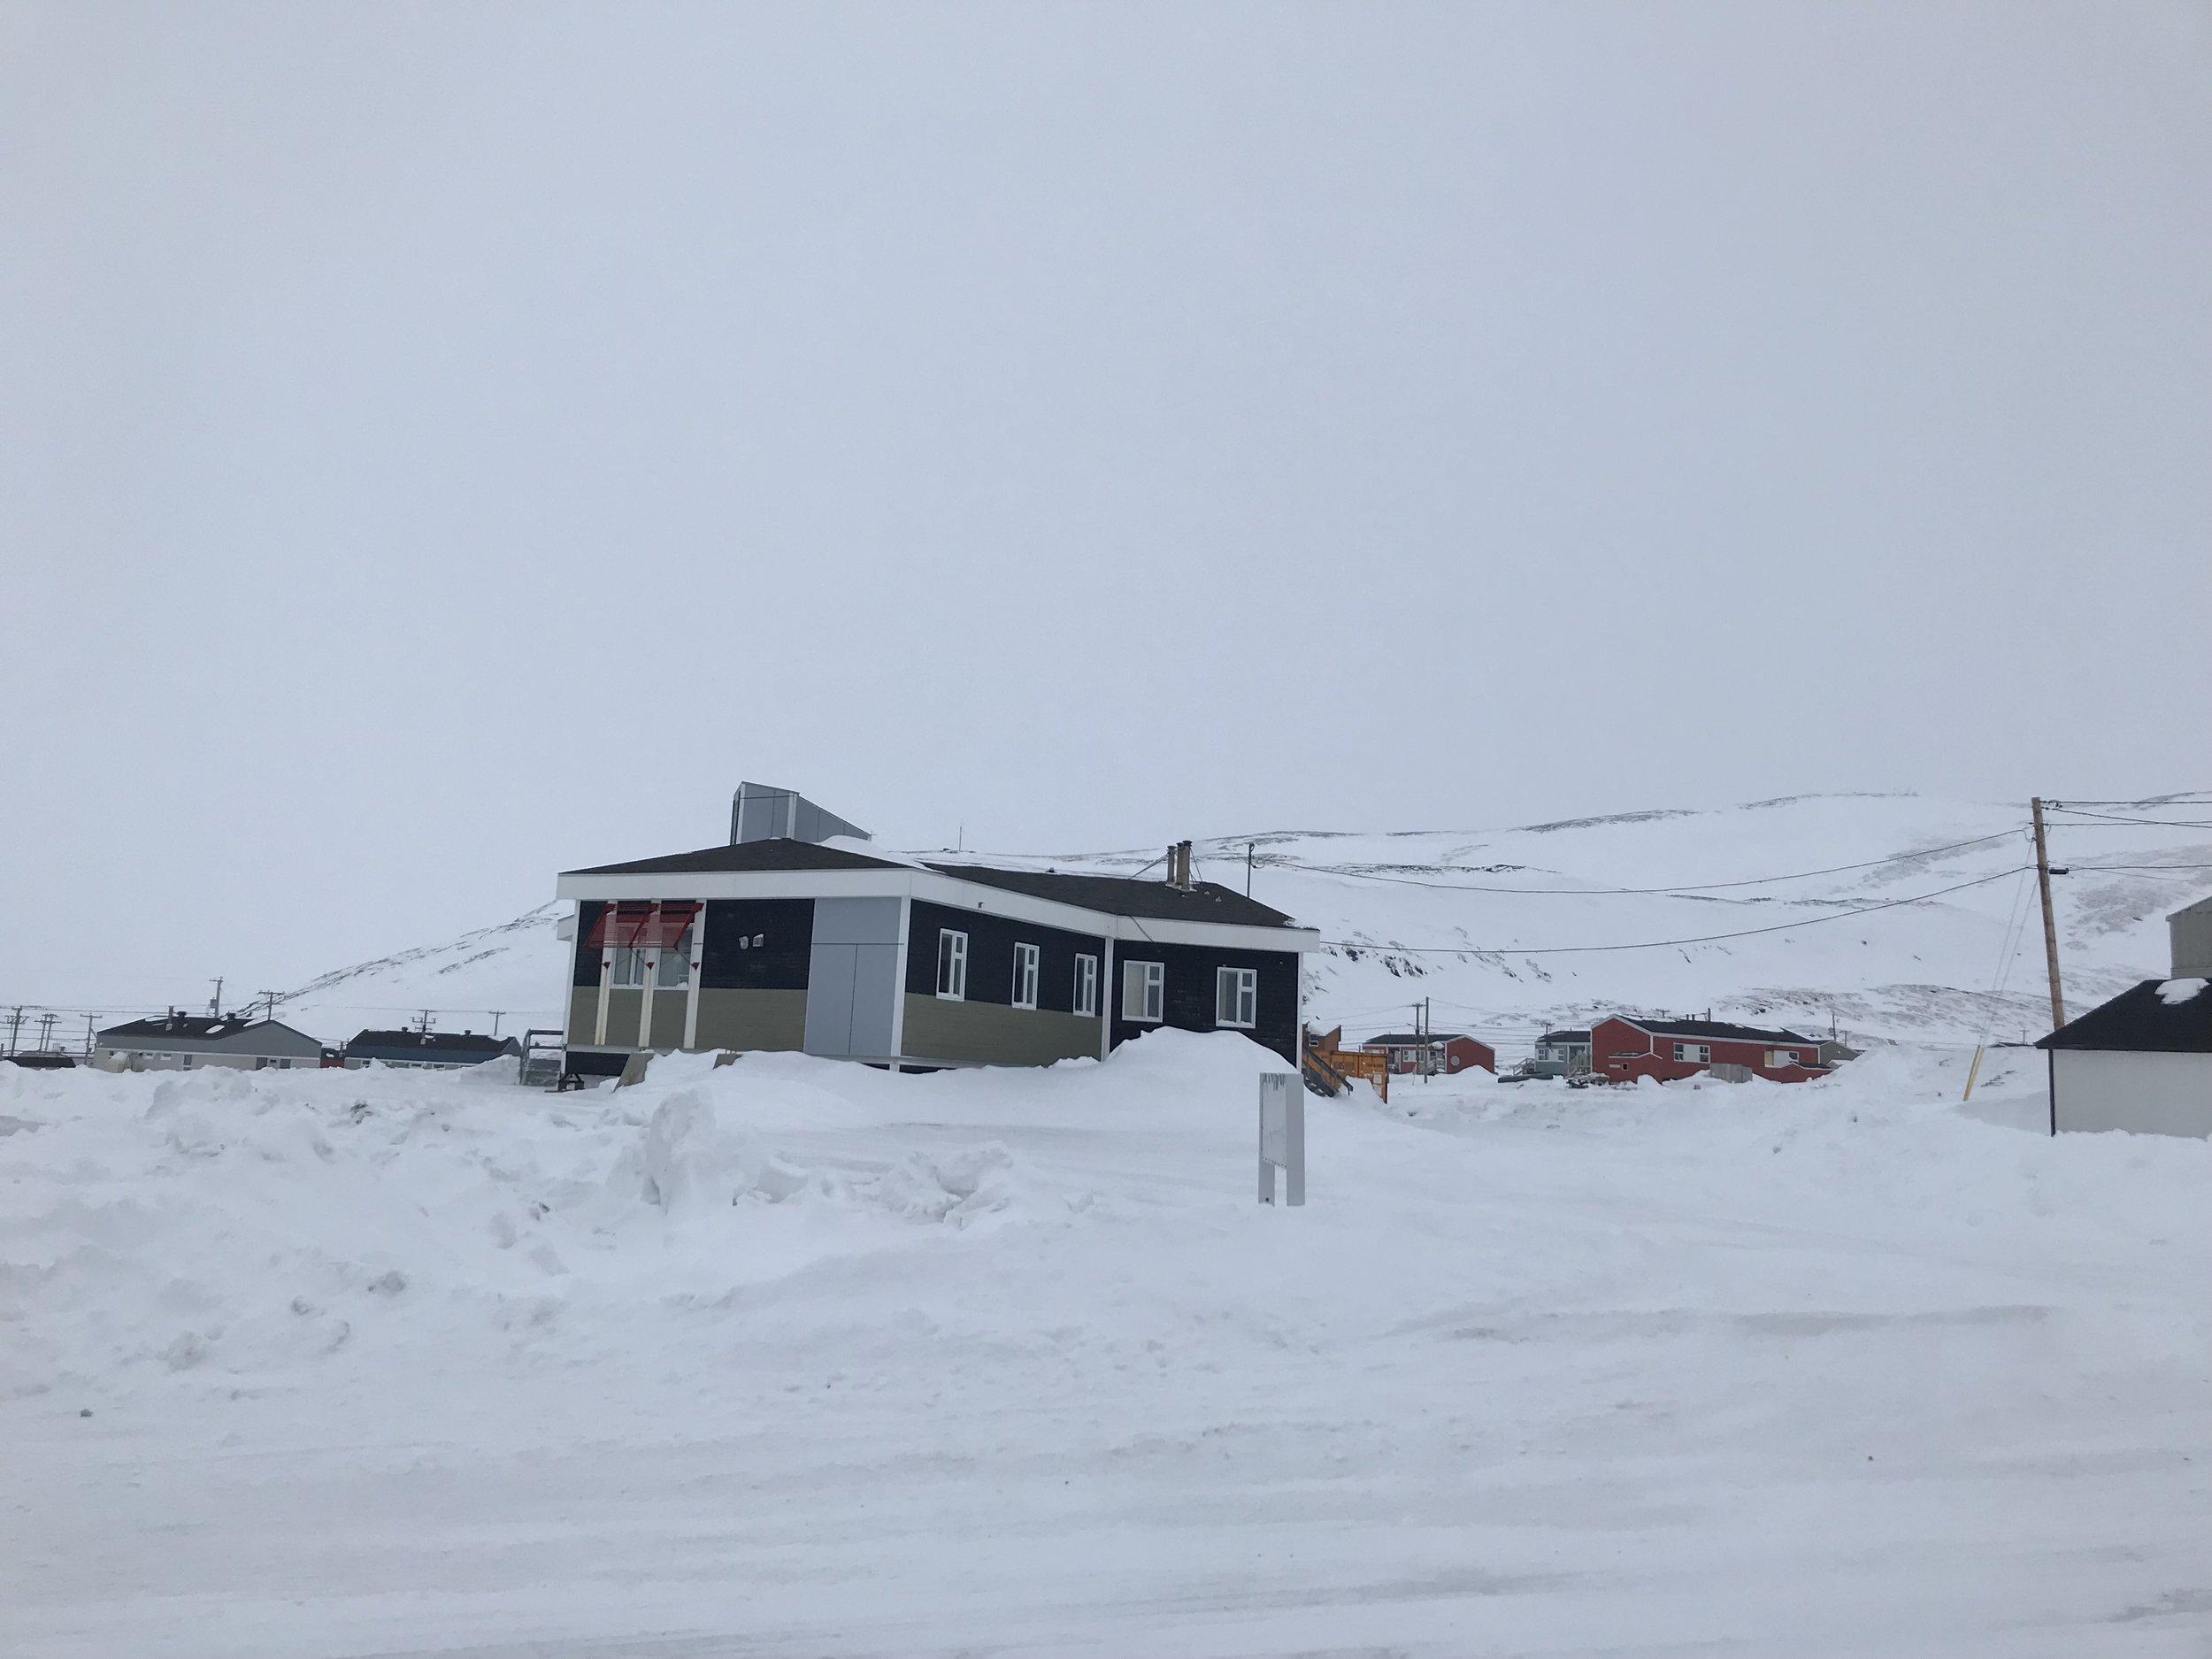 Pingualuit National Park interpretive Centre